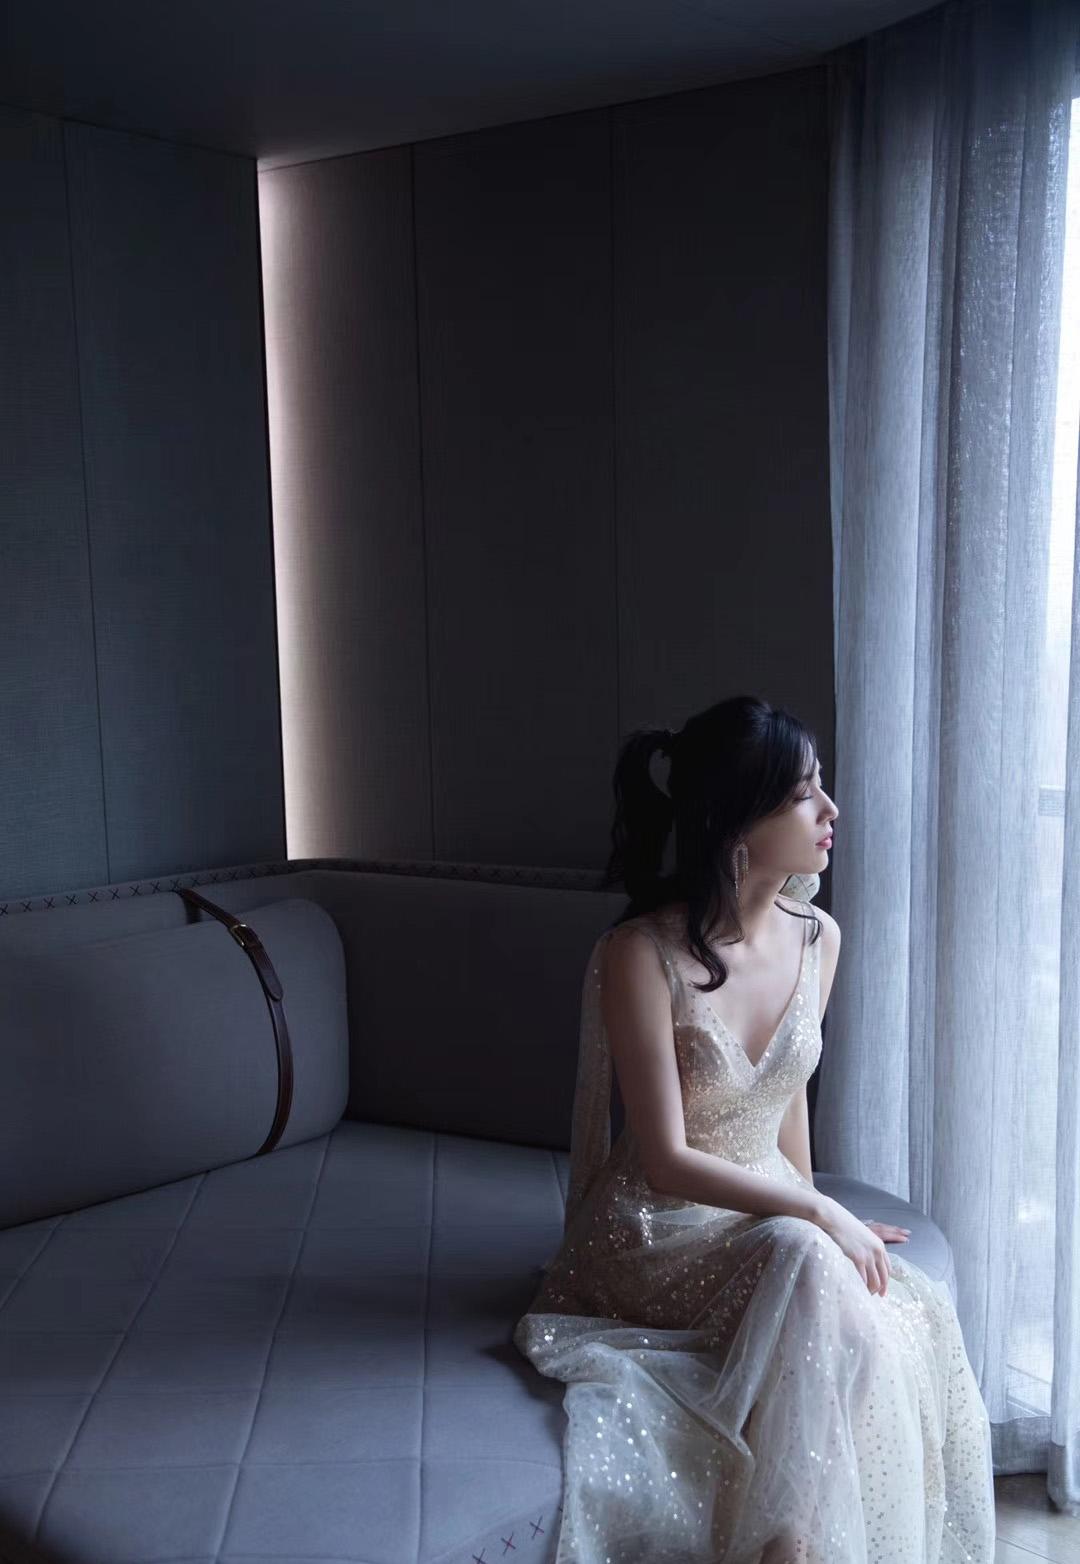 黄圣依扎马尾造型亮相,一袭金色V领亮片裙清爽甜美,皮肤白皙满满的少女感